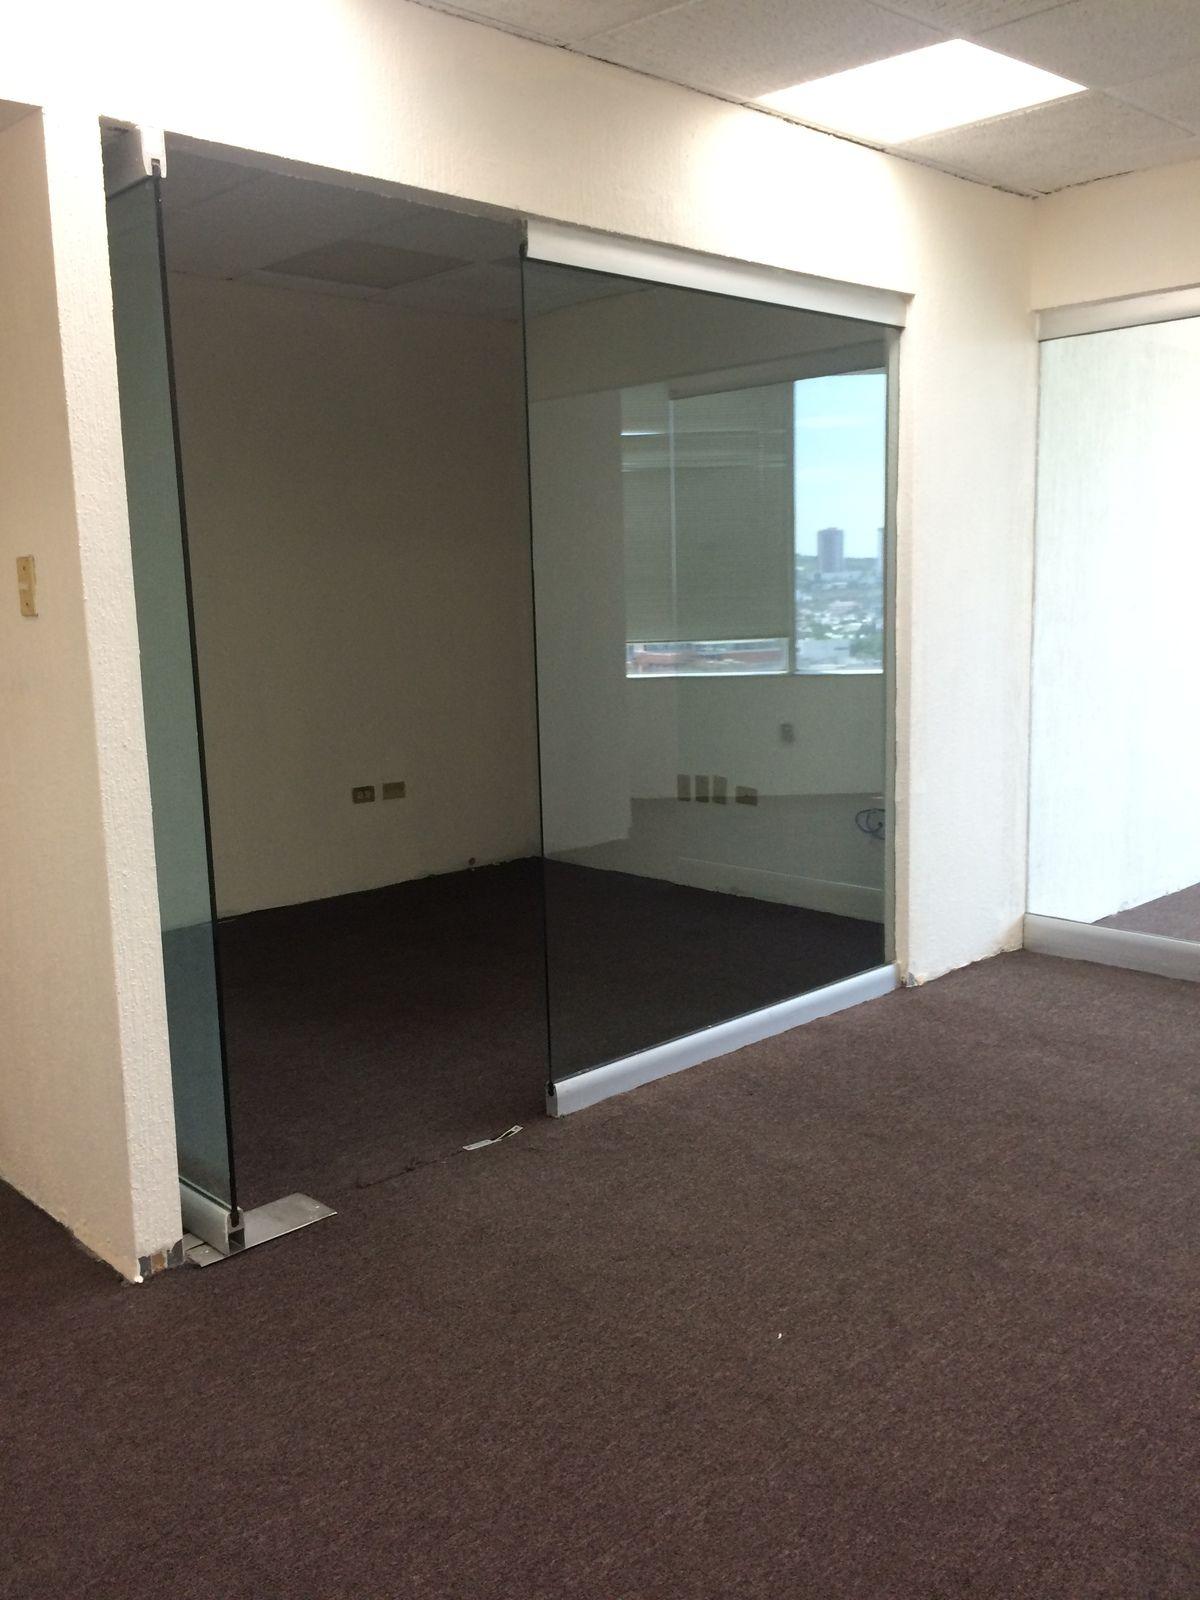 Oficina acondicionada en renta en Edificio corporativo en Gómez Morin